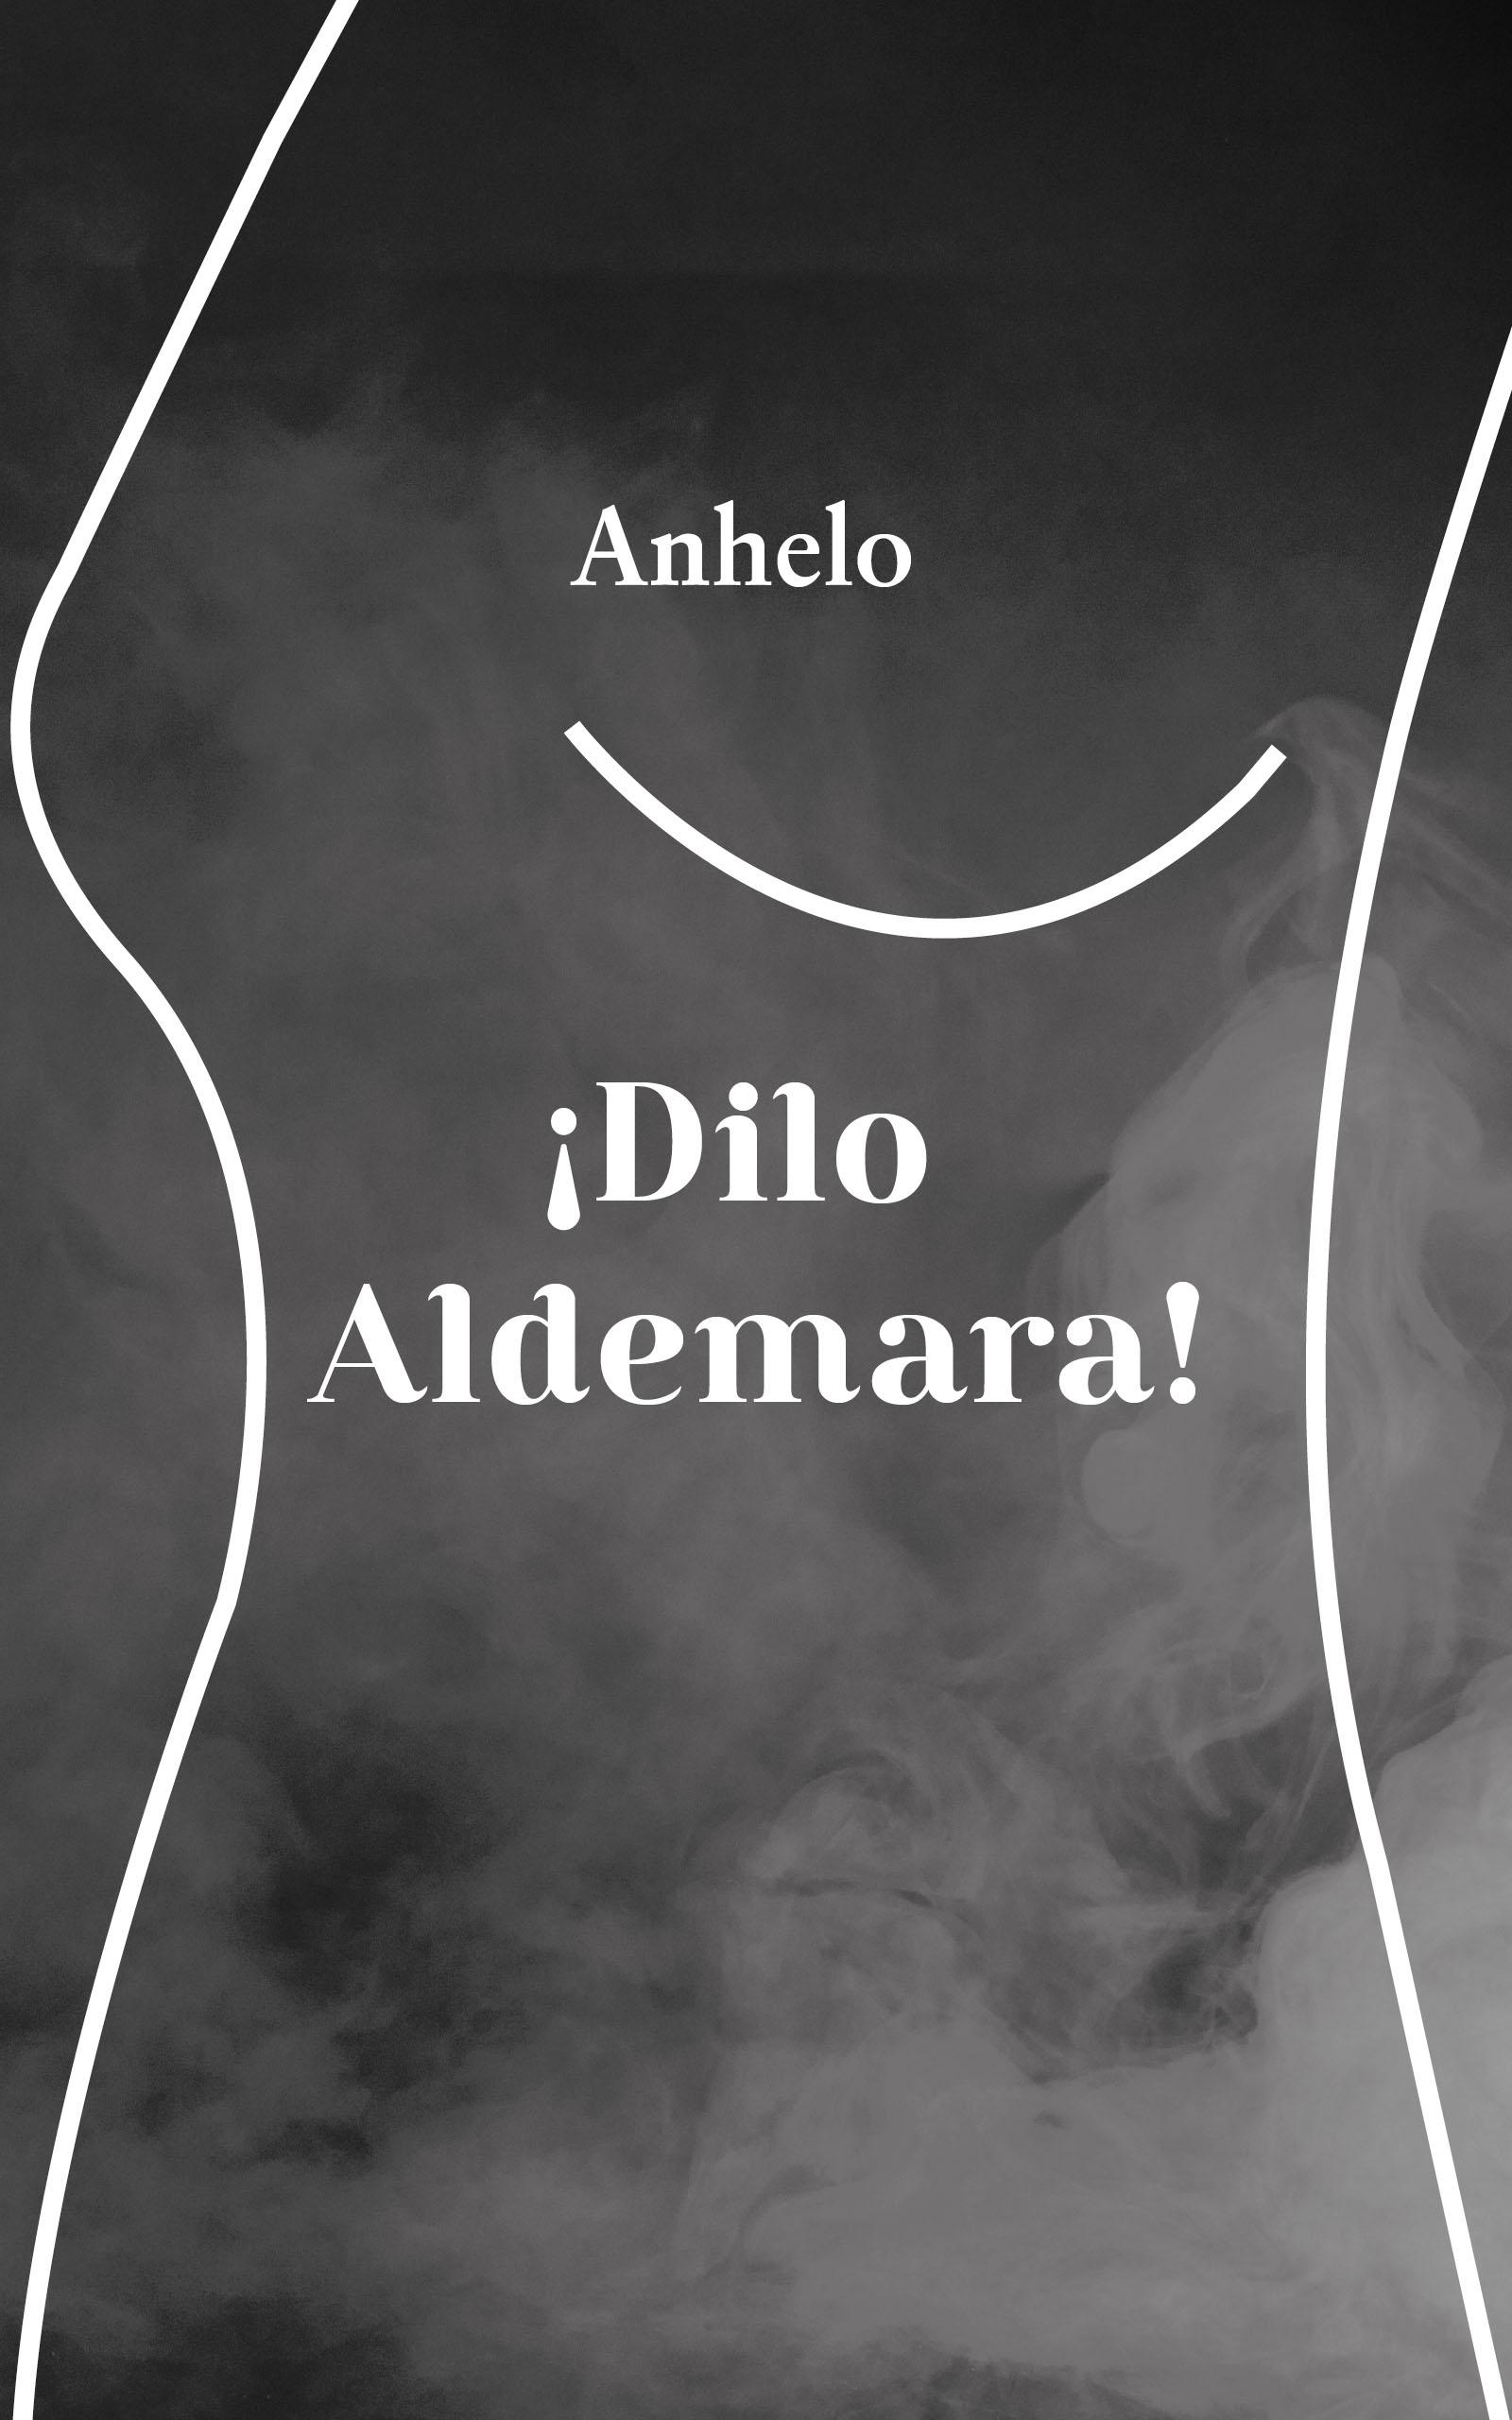 ¡Dilo Aldemara!, de Anhelo